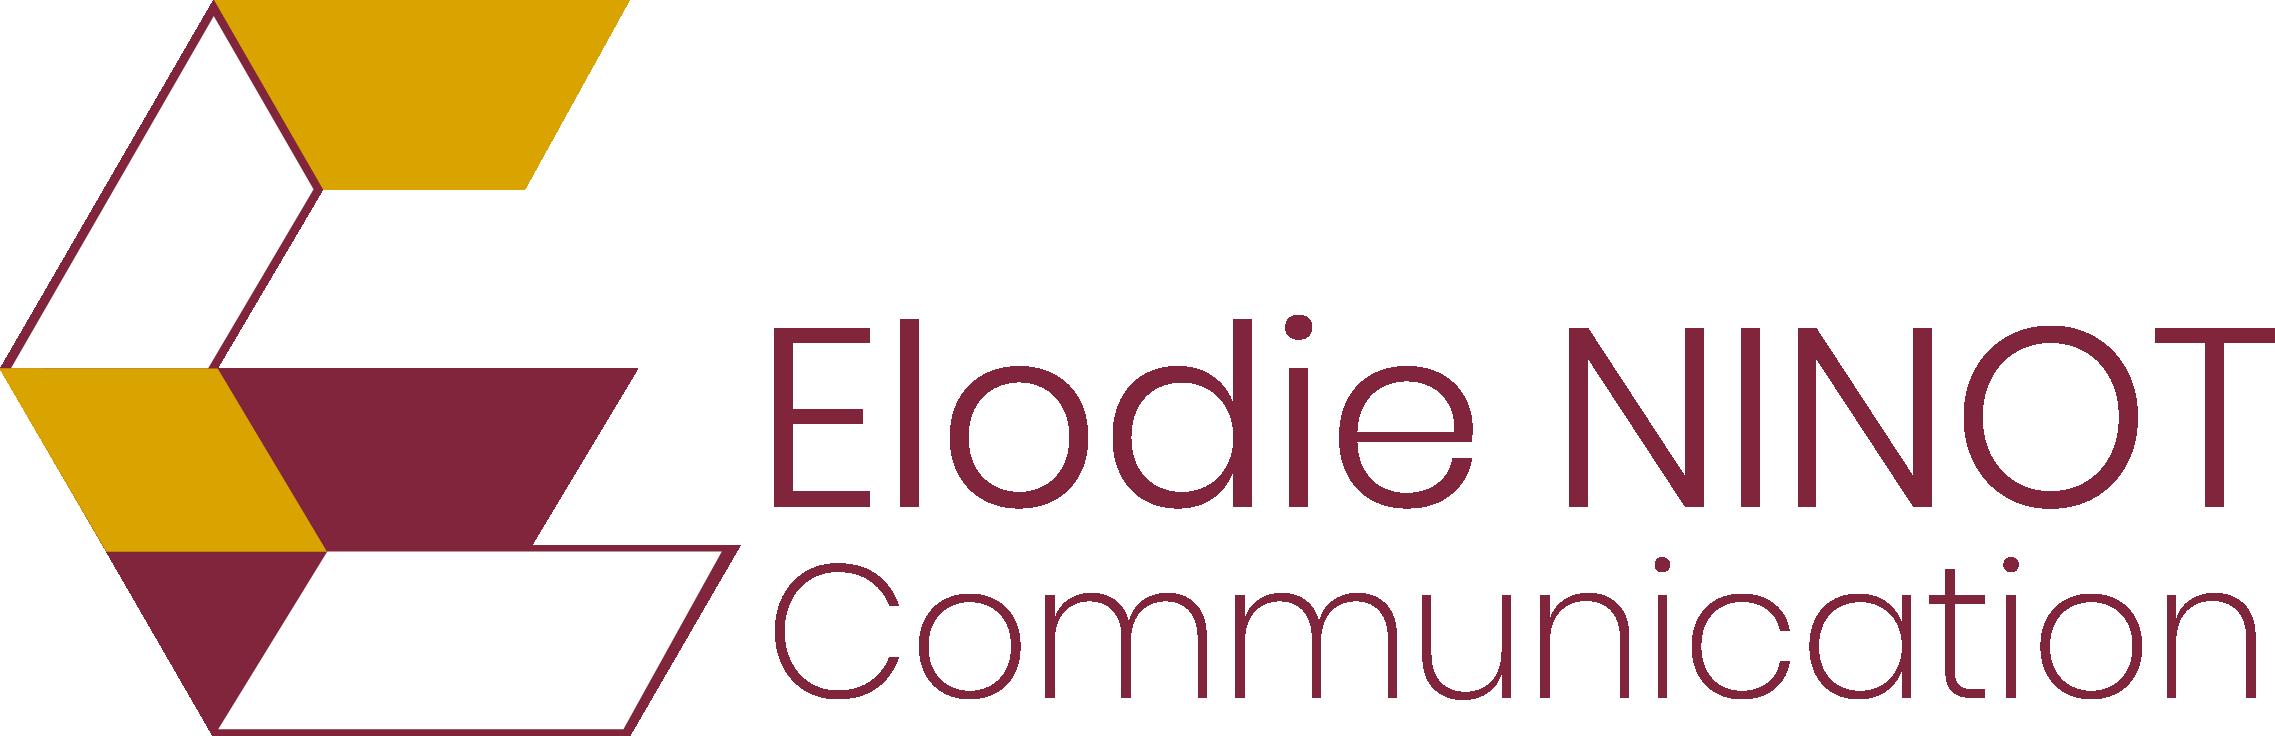 Elodie Ninot